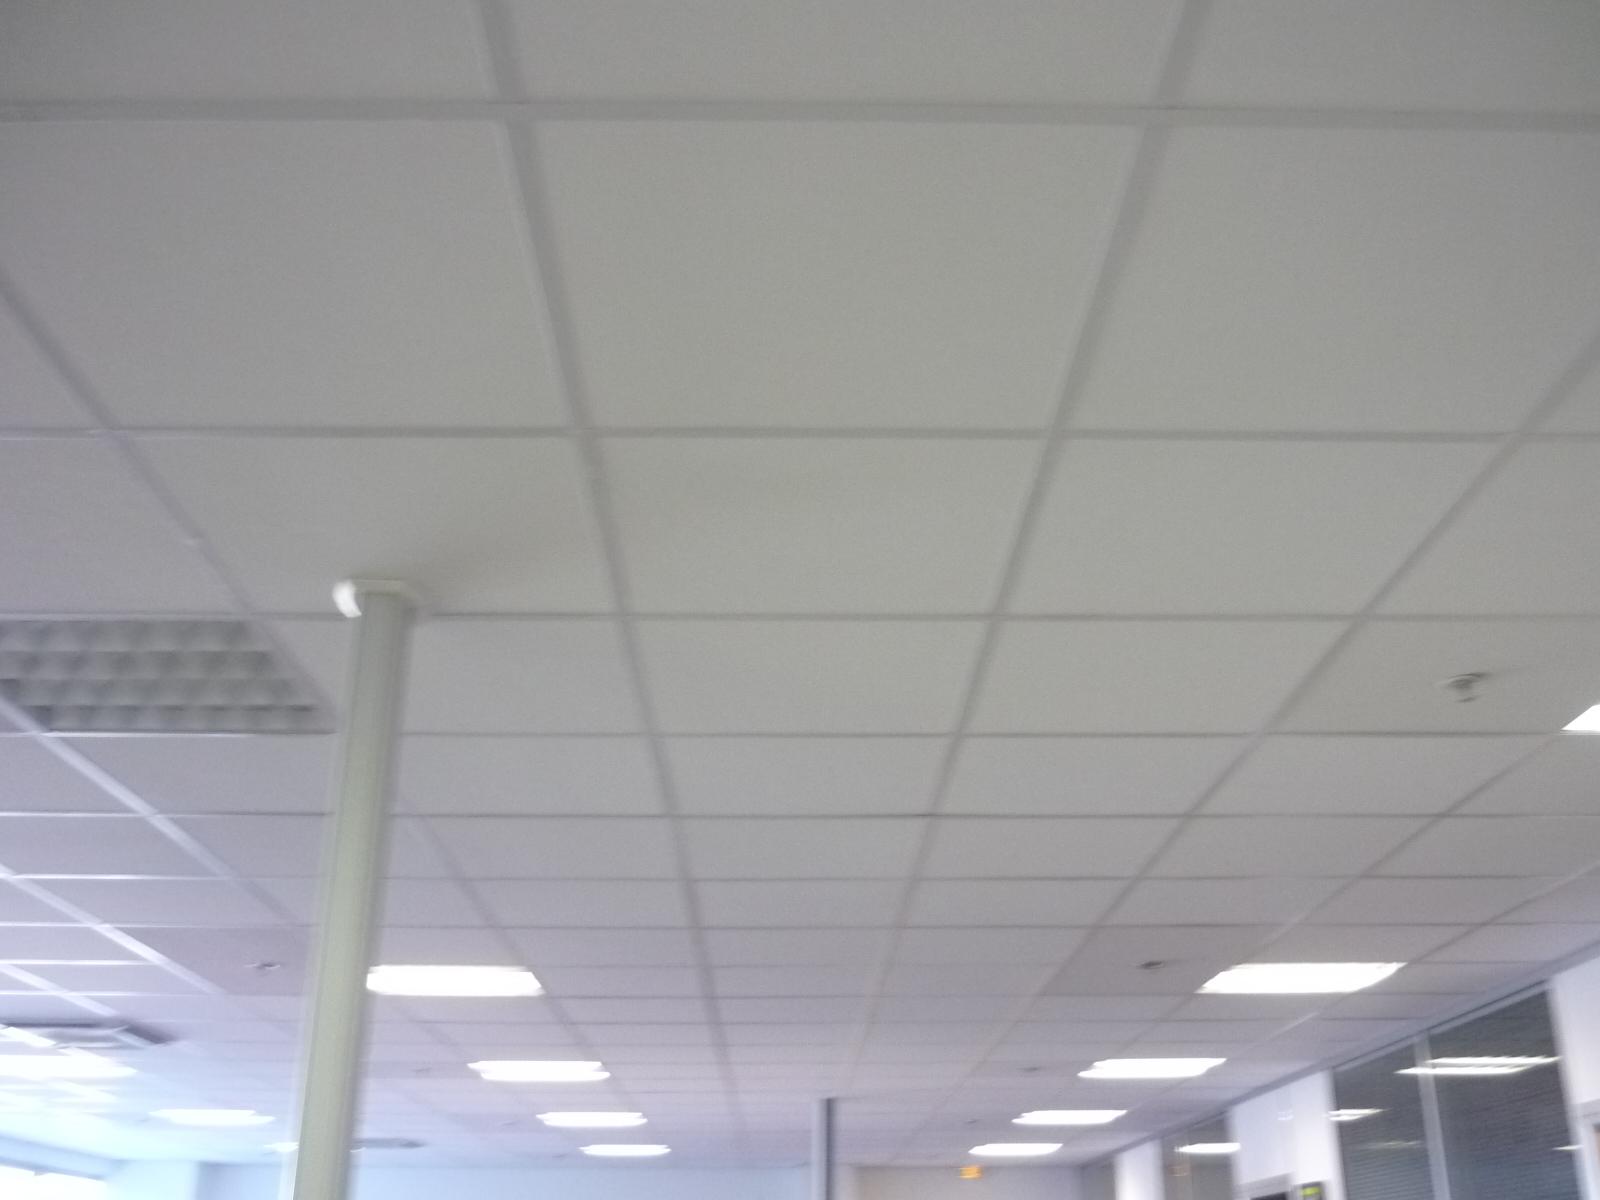 Faux plafond cloisons bureaux 04 espace cloisons alu ile - Faux plafond industriel ...